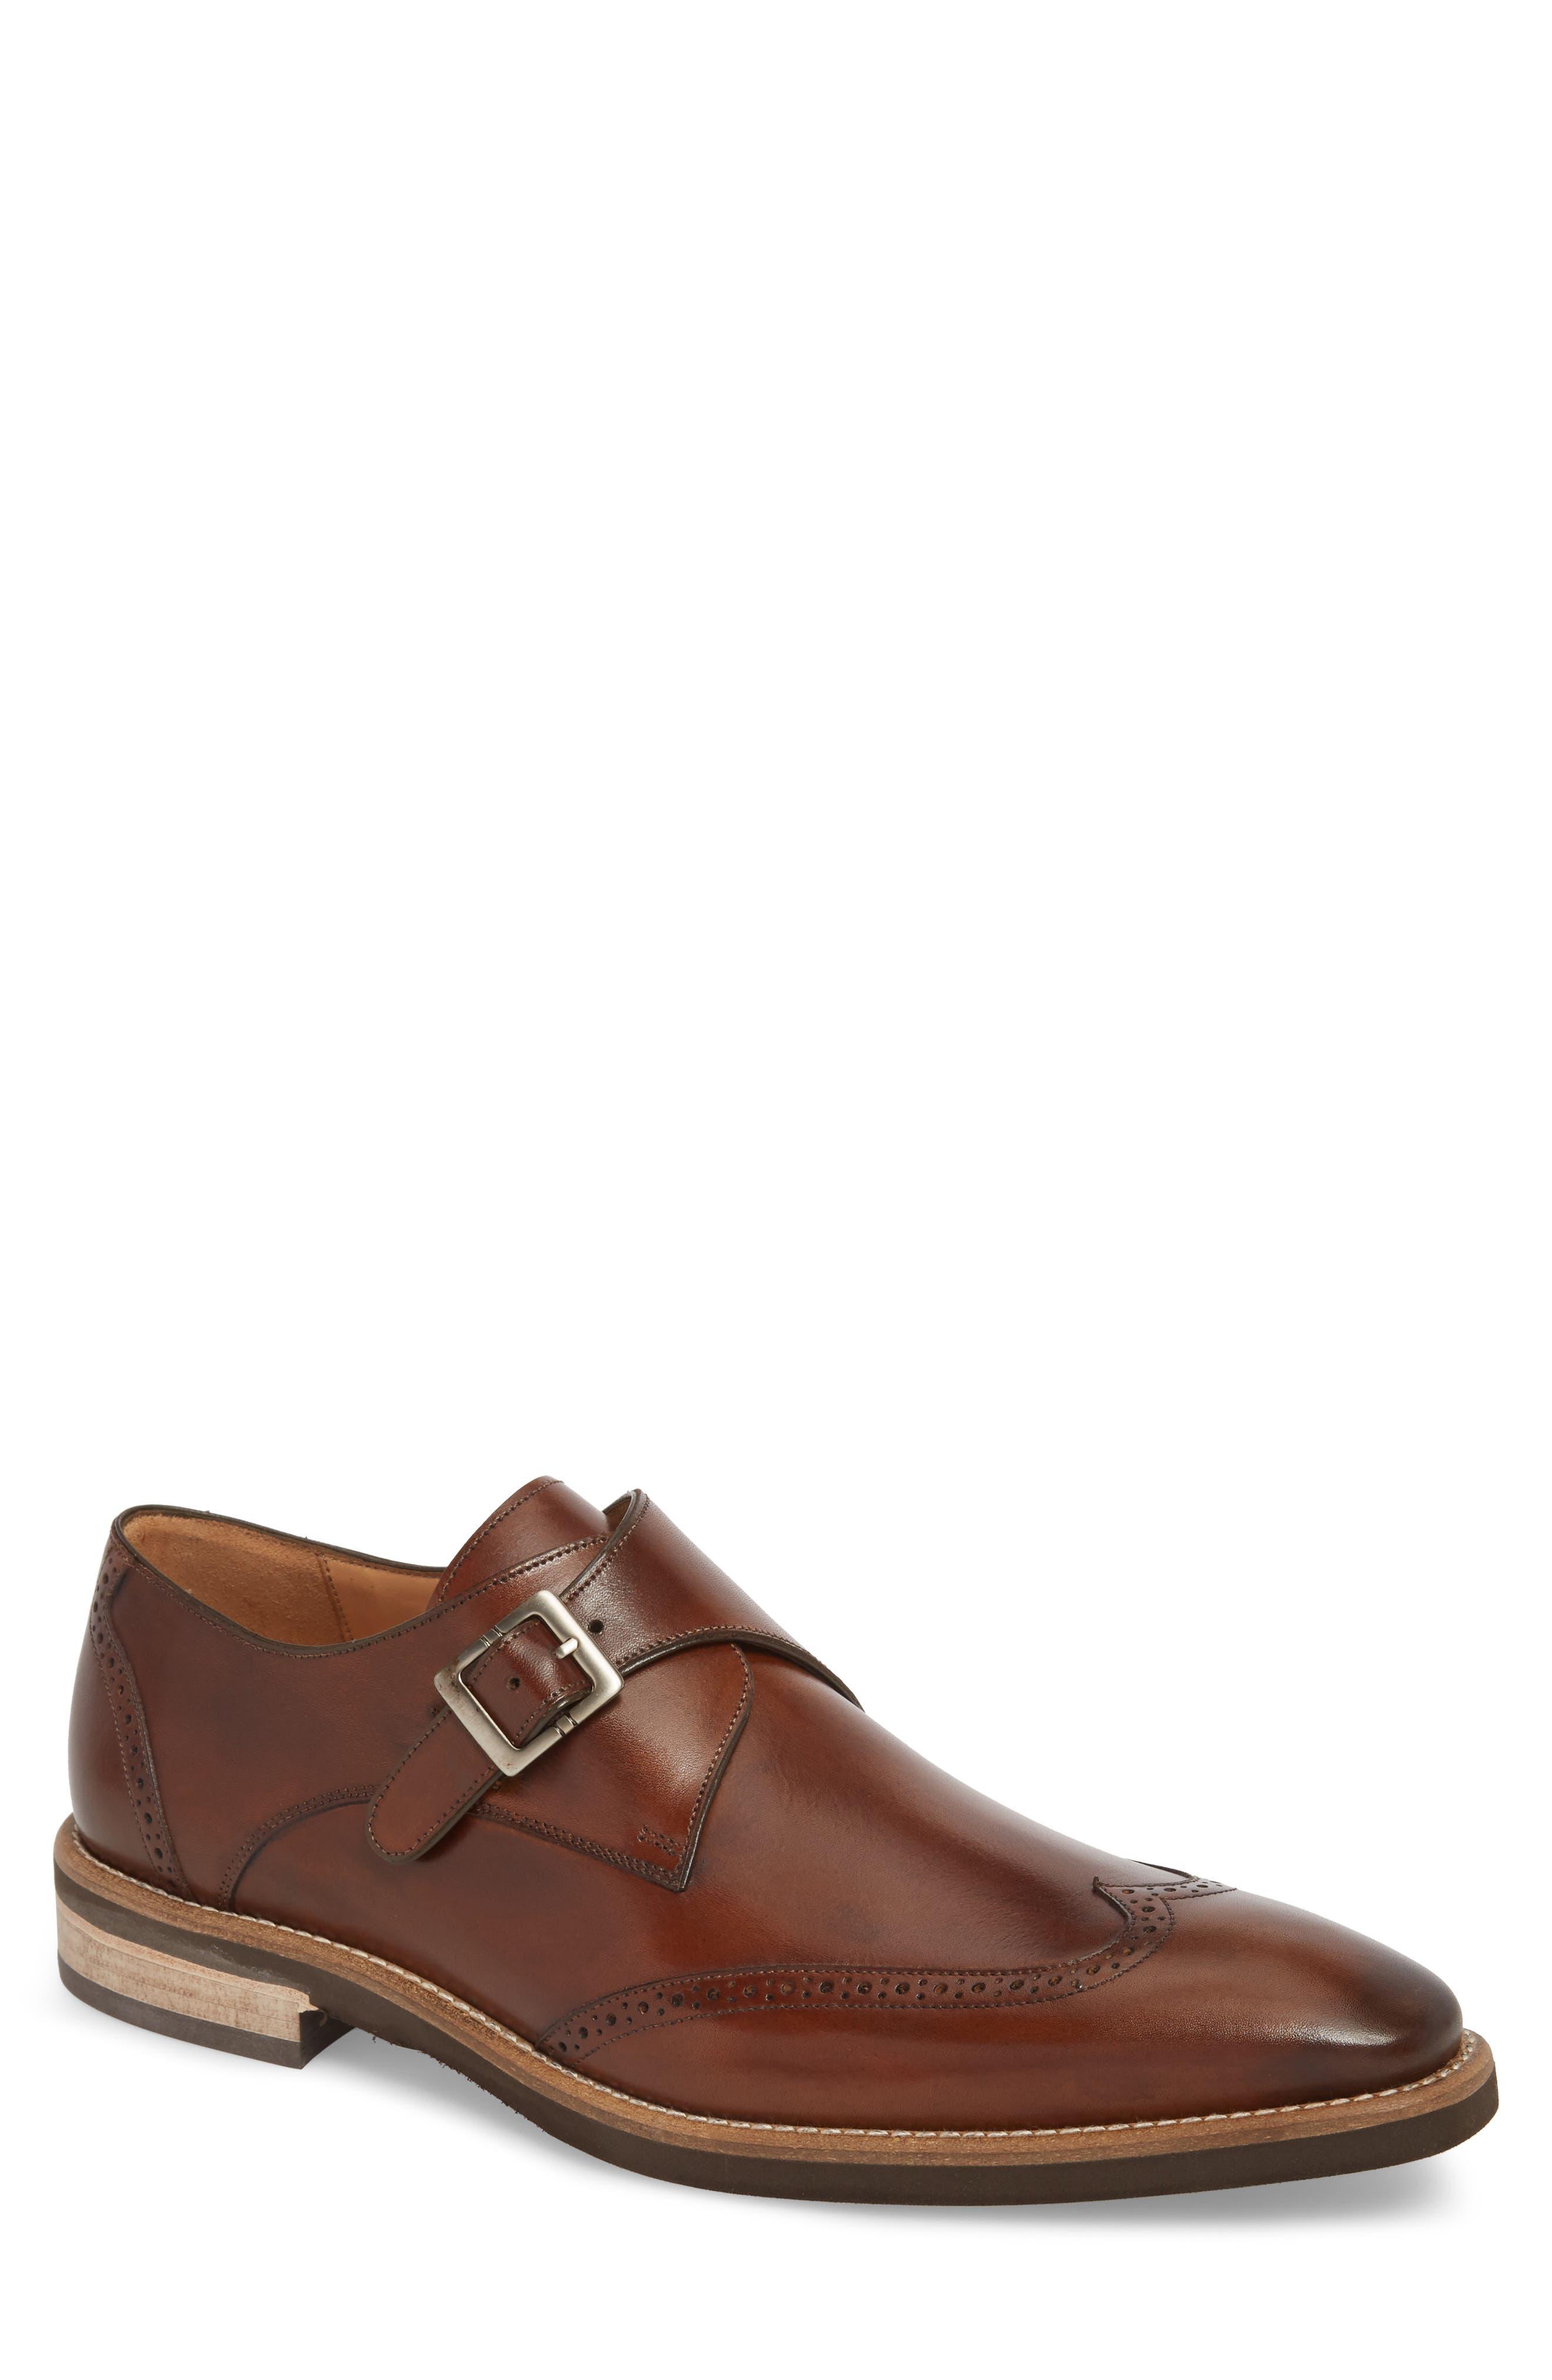 MEZLAN Feresta Wingtip Monk Shoe, Main, color, COGNAC